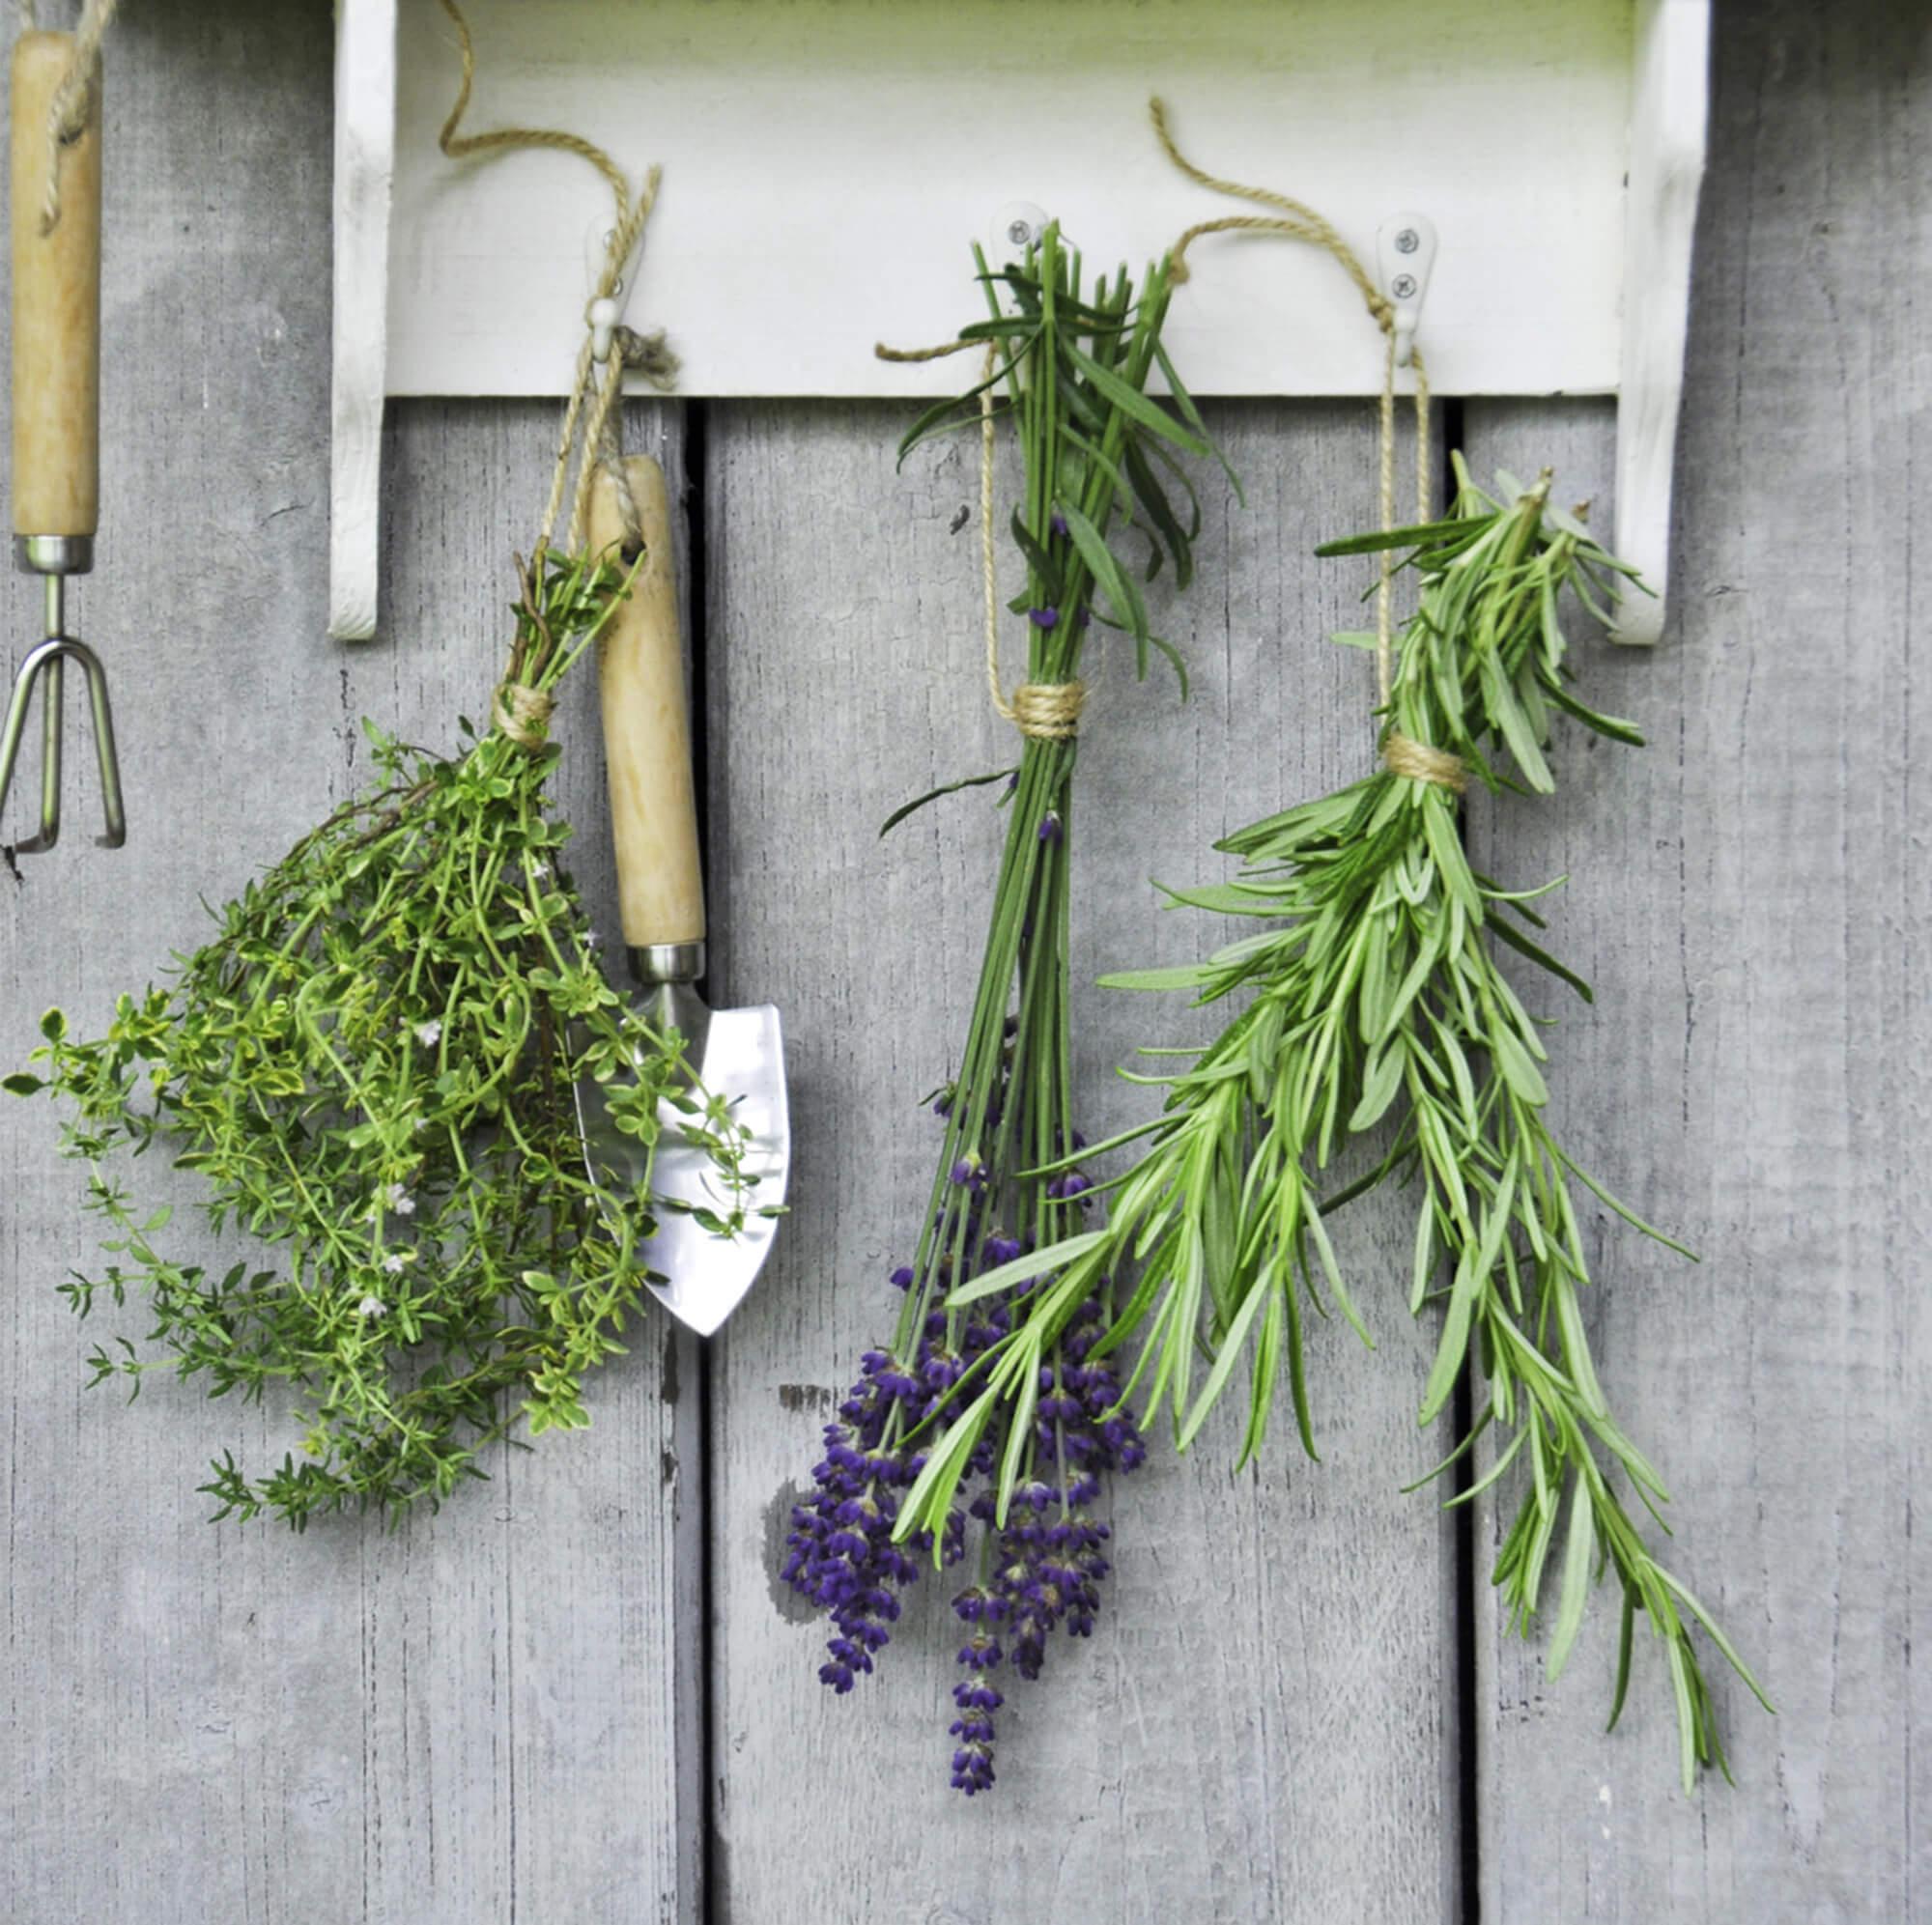 Essiccare le erbe aromatiche